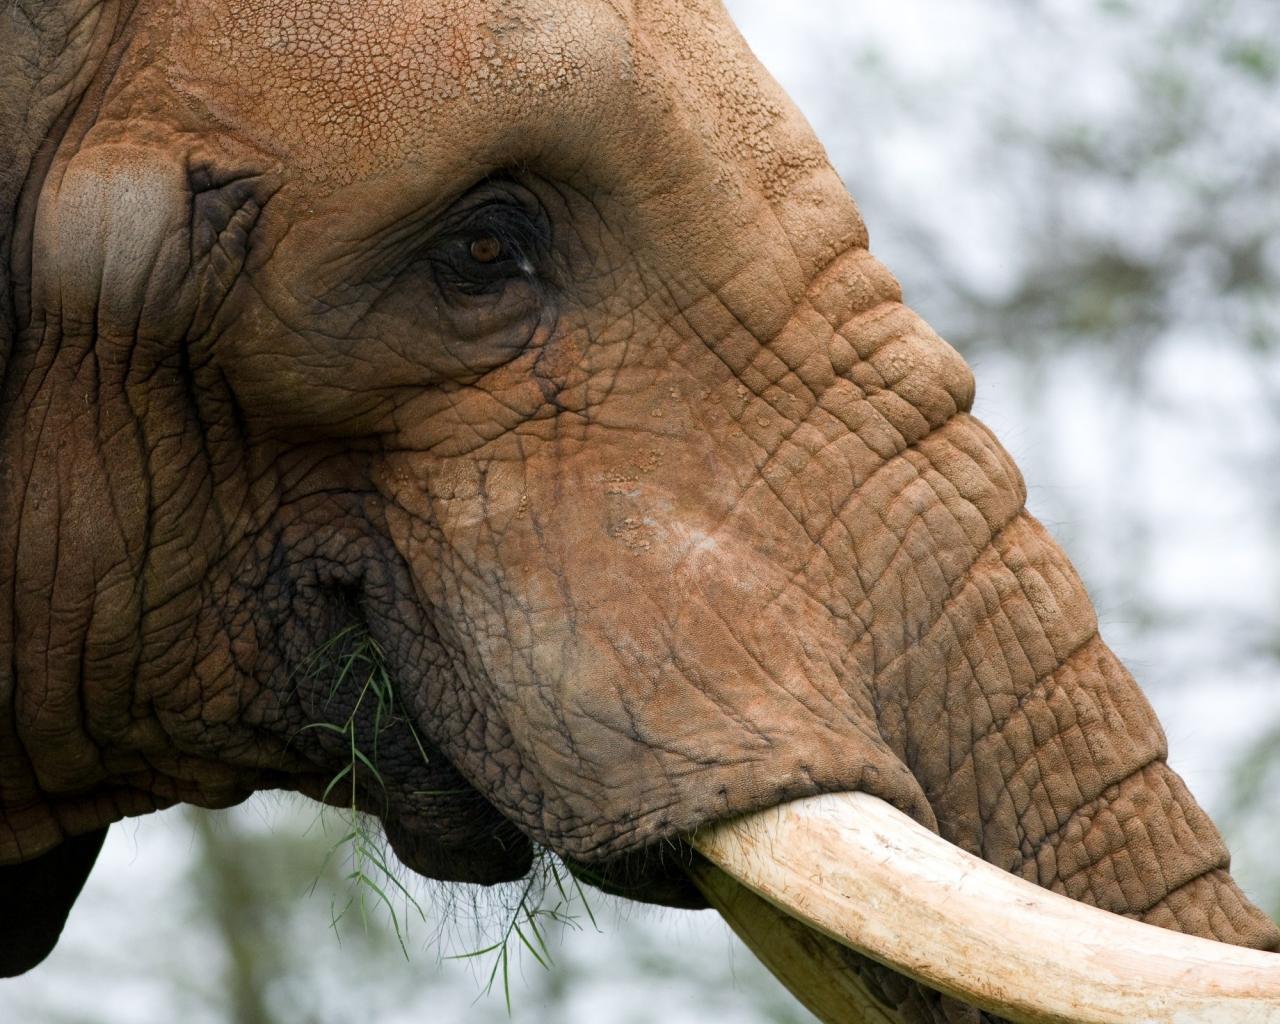 La cabeza de un elefante - 1280x1024